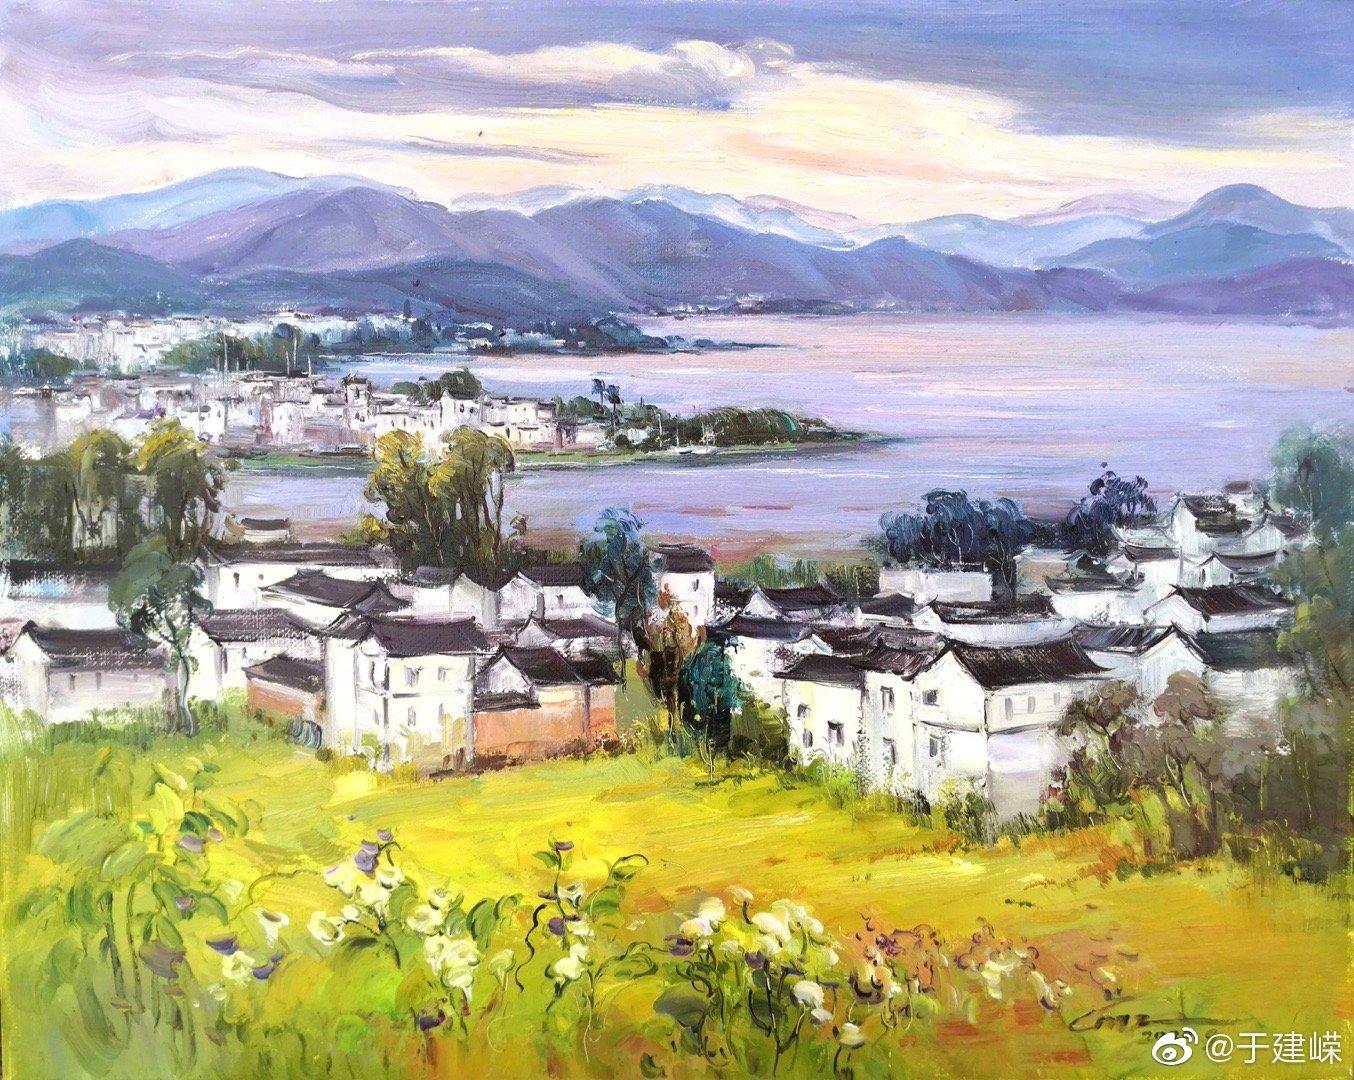 著名女艺术家蔡梅之油画作品—《大理洱海》 千百年来